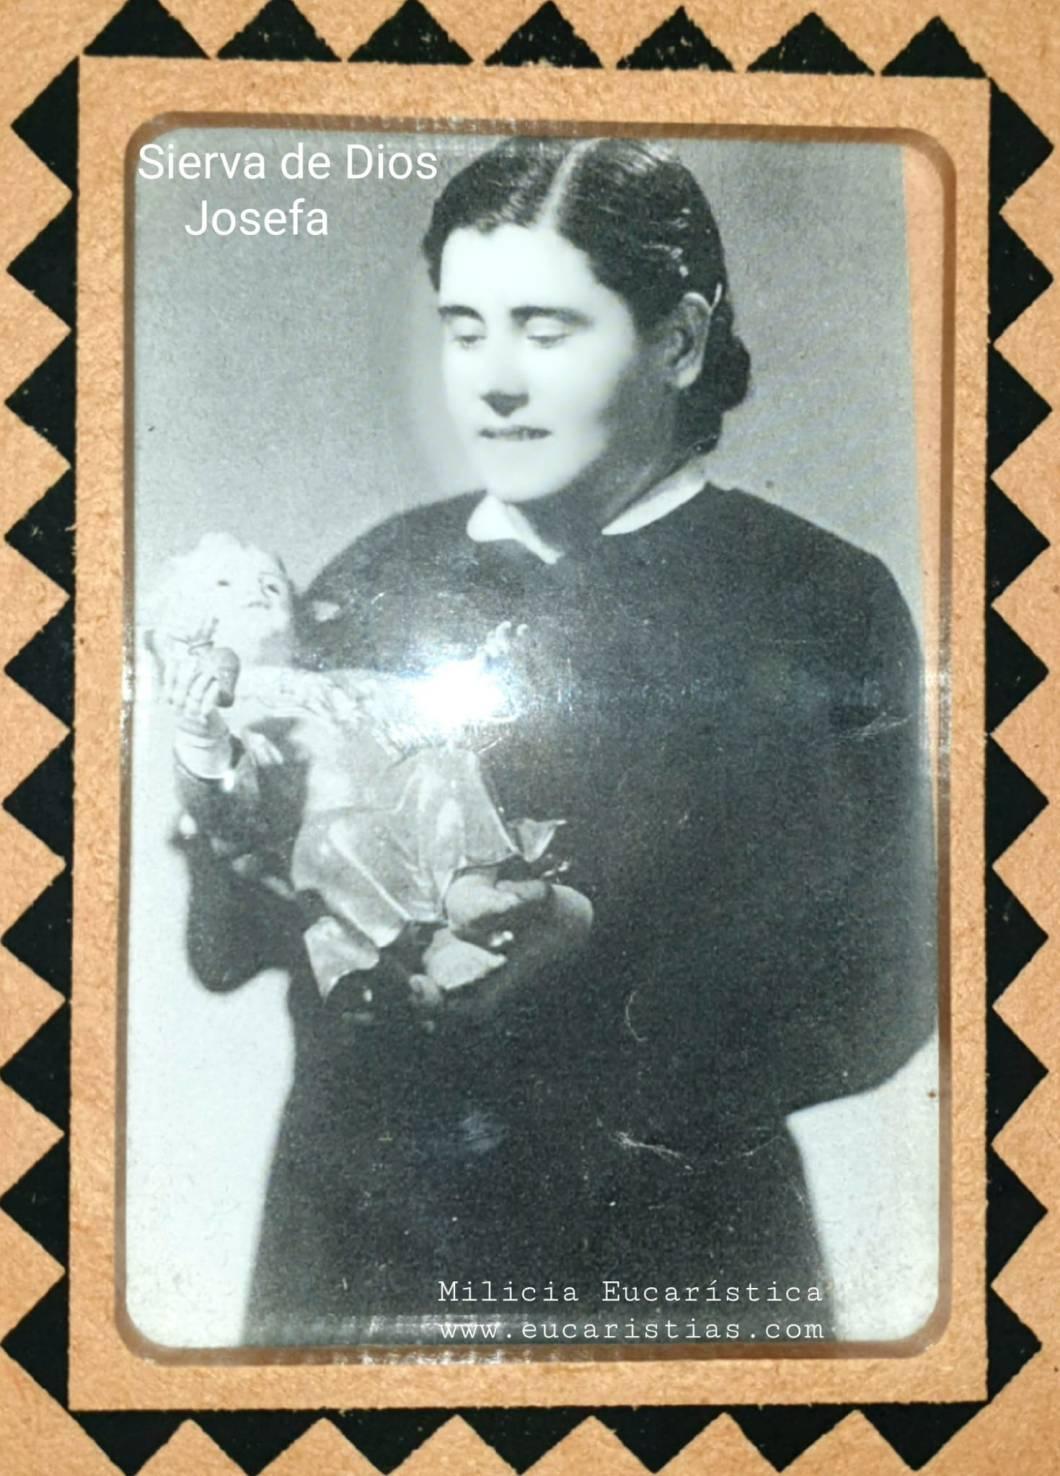 Sierva de Dios Josefa